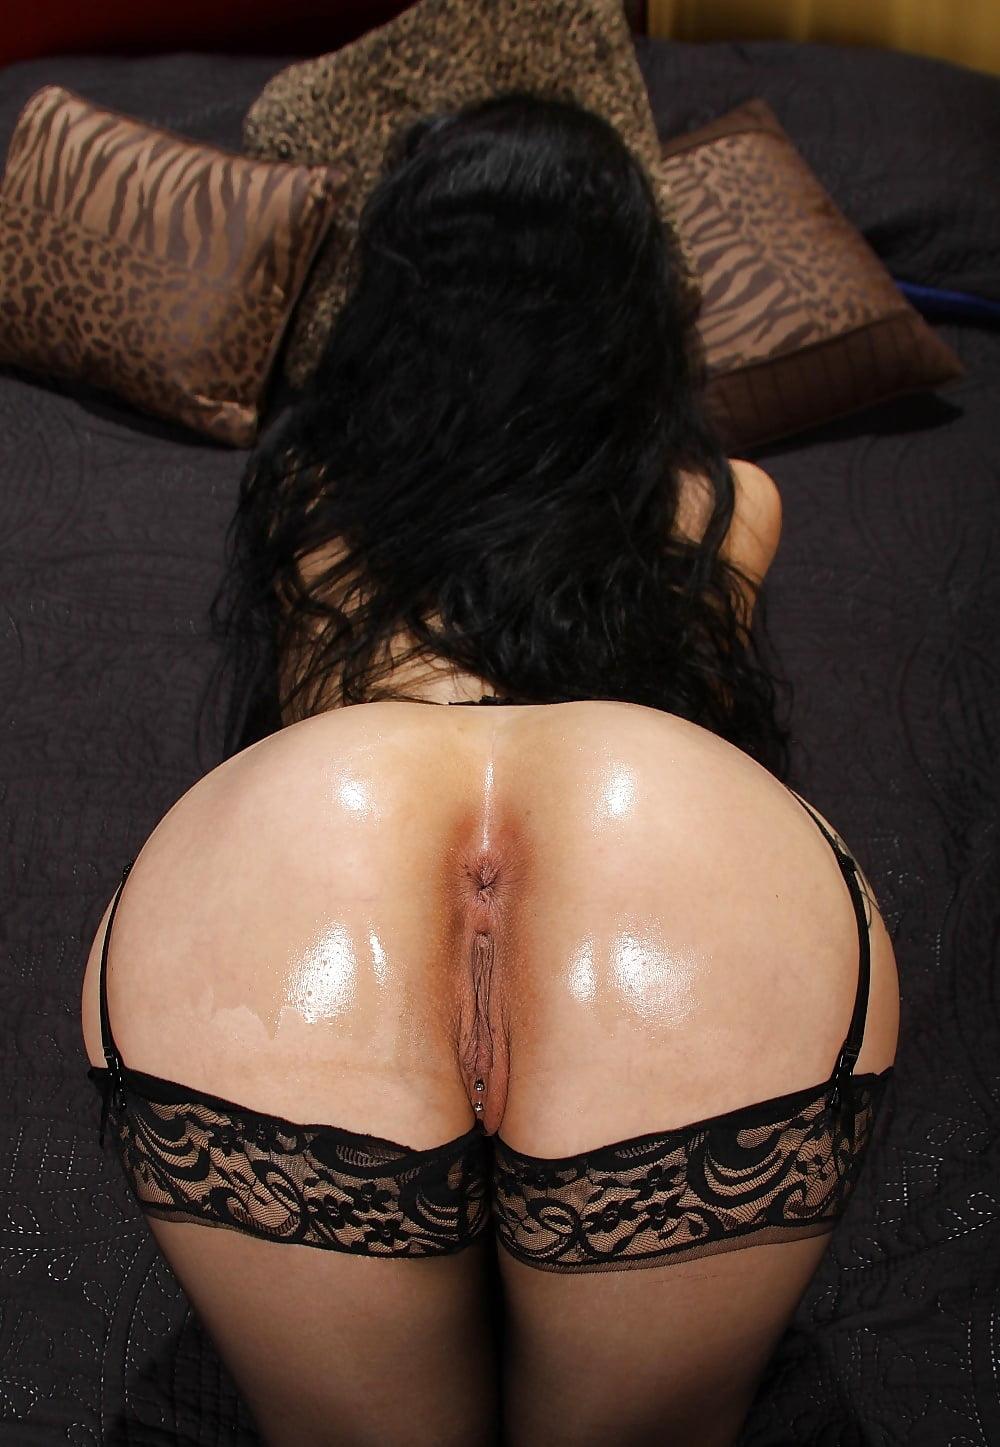 Katrina Jade  - Katrina Jade 1 asses femdom pornstar xhamster @q=katrina+jade